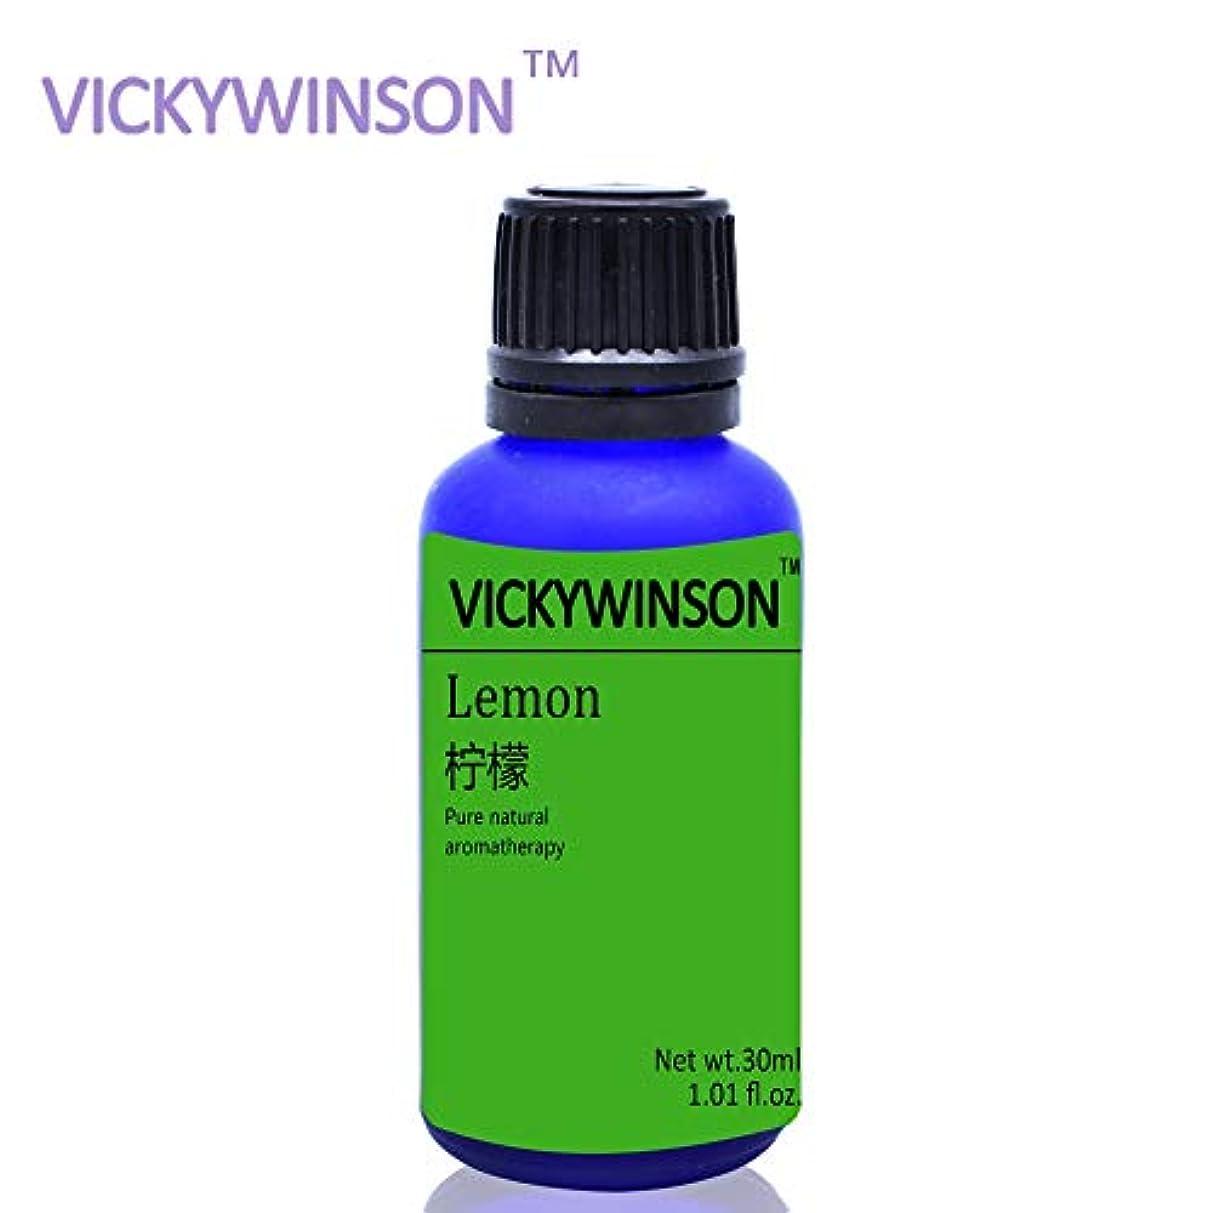 権威ディスク便宜VICKYWINSONレモンアロマエッセンシャルオイル30ミリリットル車の香水添加剤アウトレット香水装飾レディース車の香り